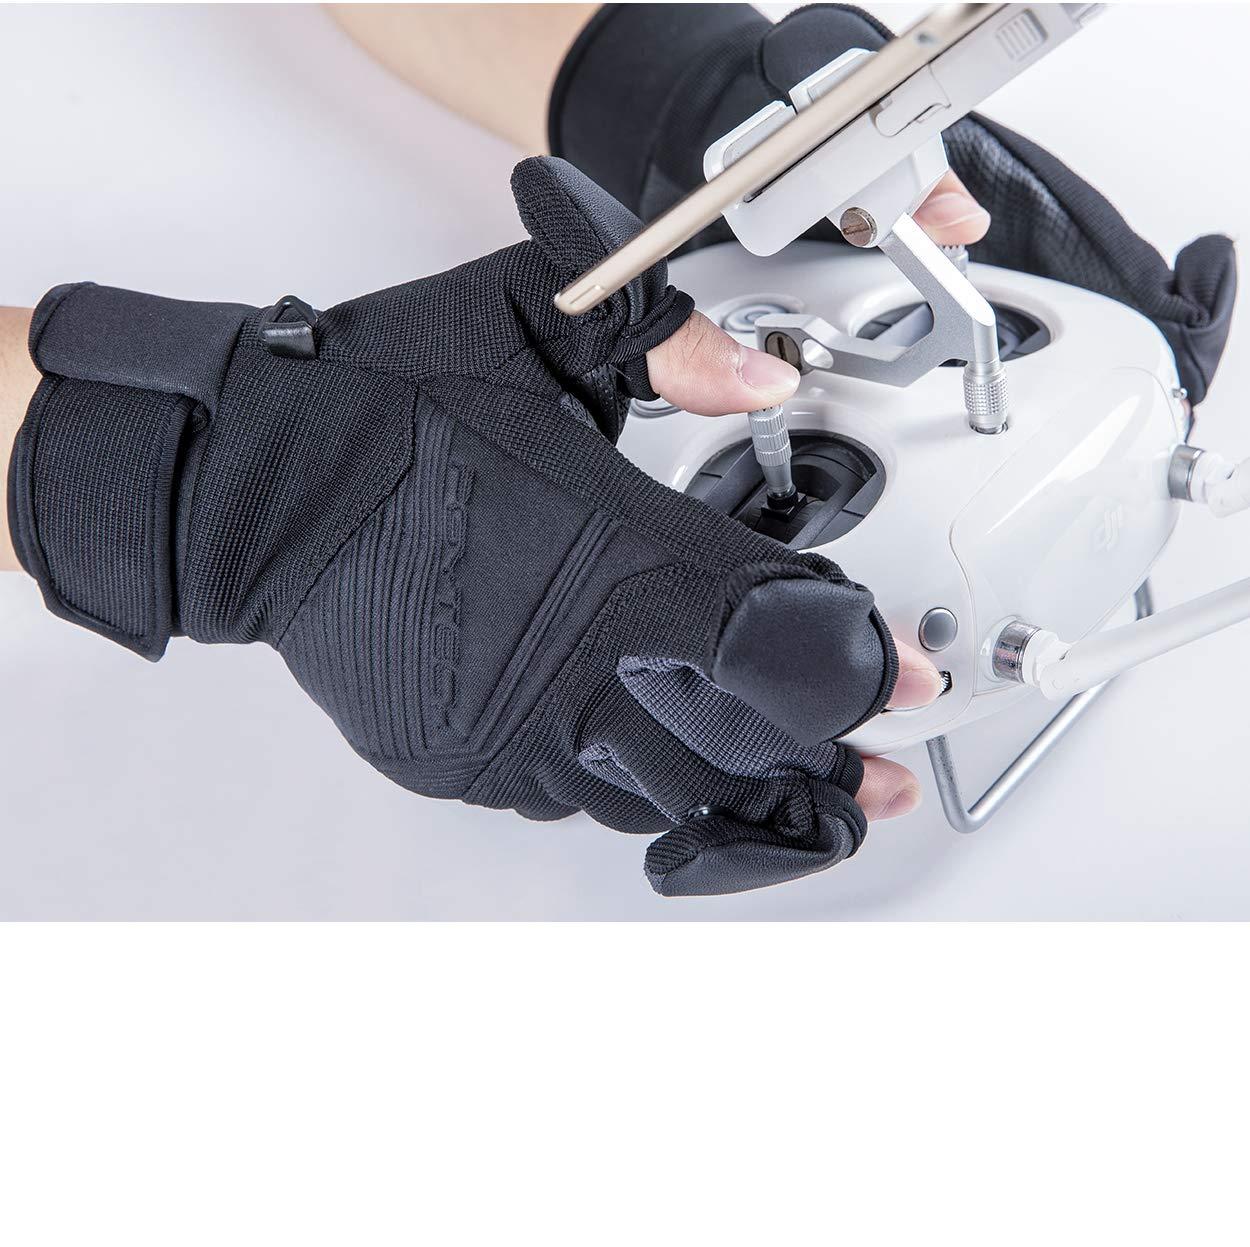 Schwarz L Pgytech Photography Gloves L Handschuhe